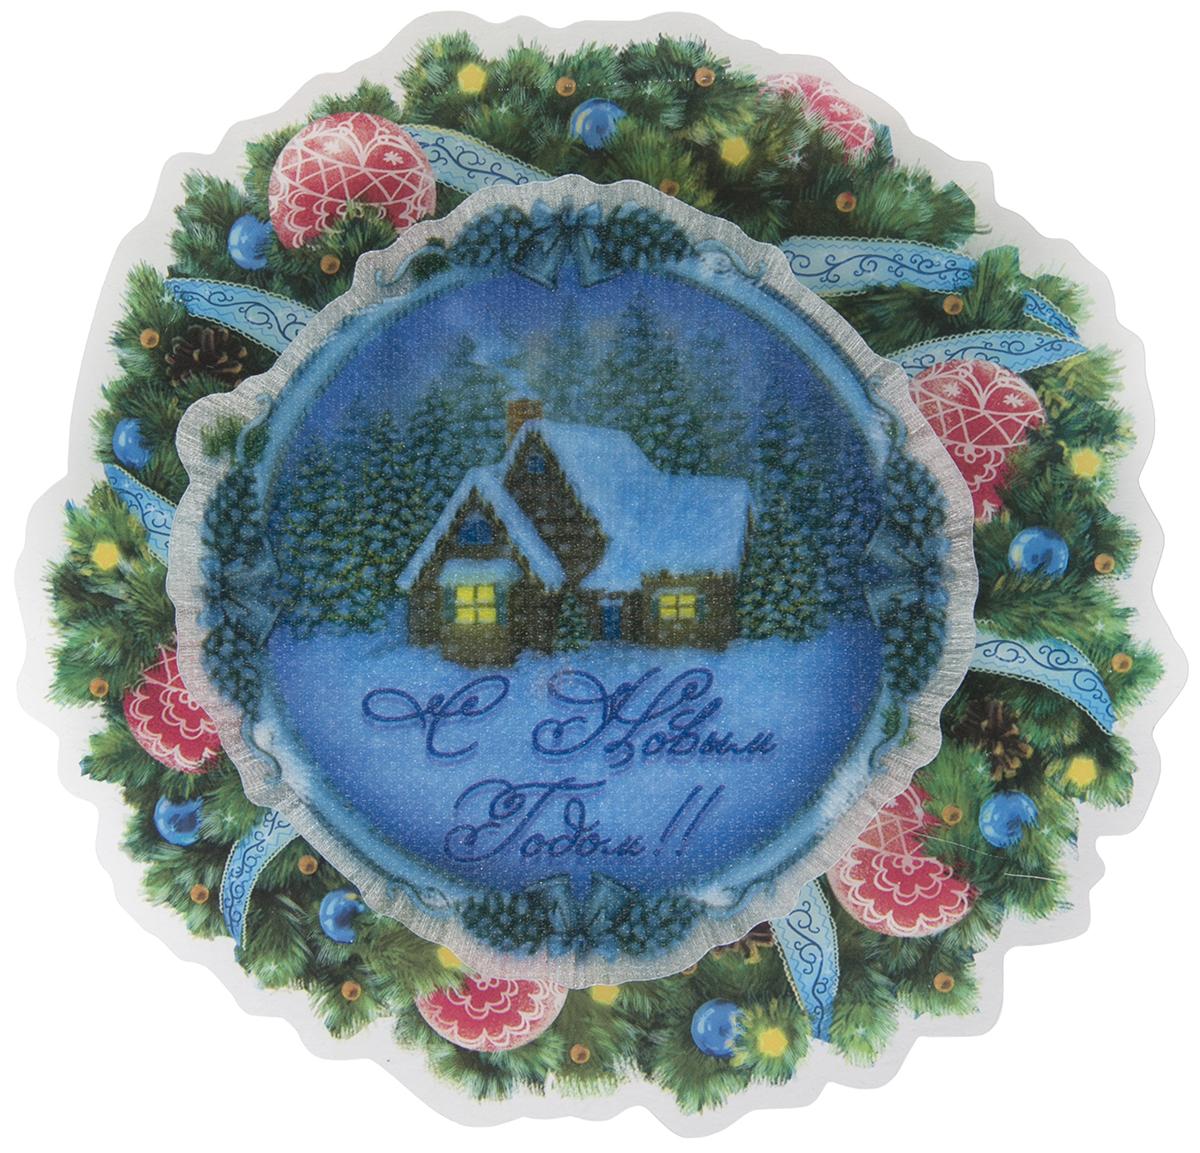 Украшение новогоднее Magic Time Новогодний венок, с подсветкой laure conan angeline de montbrun par laure conan